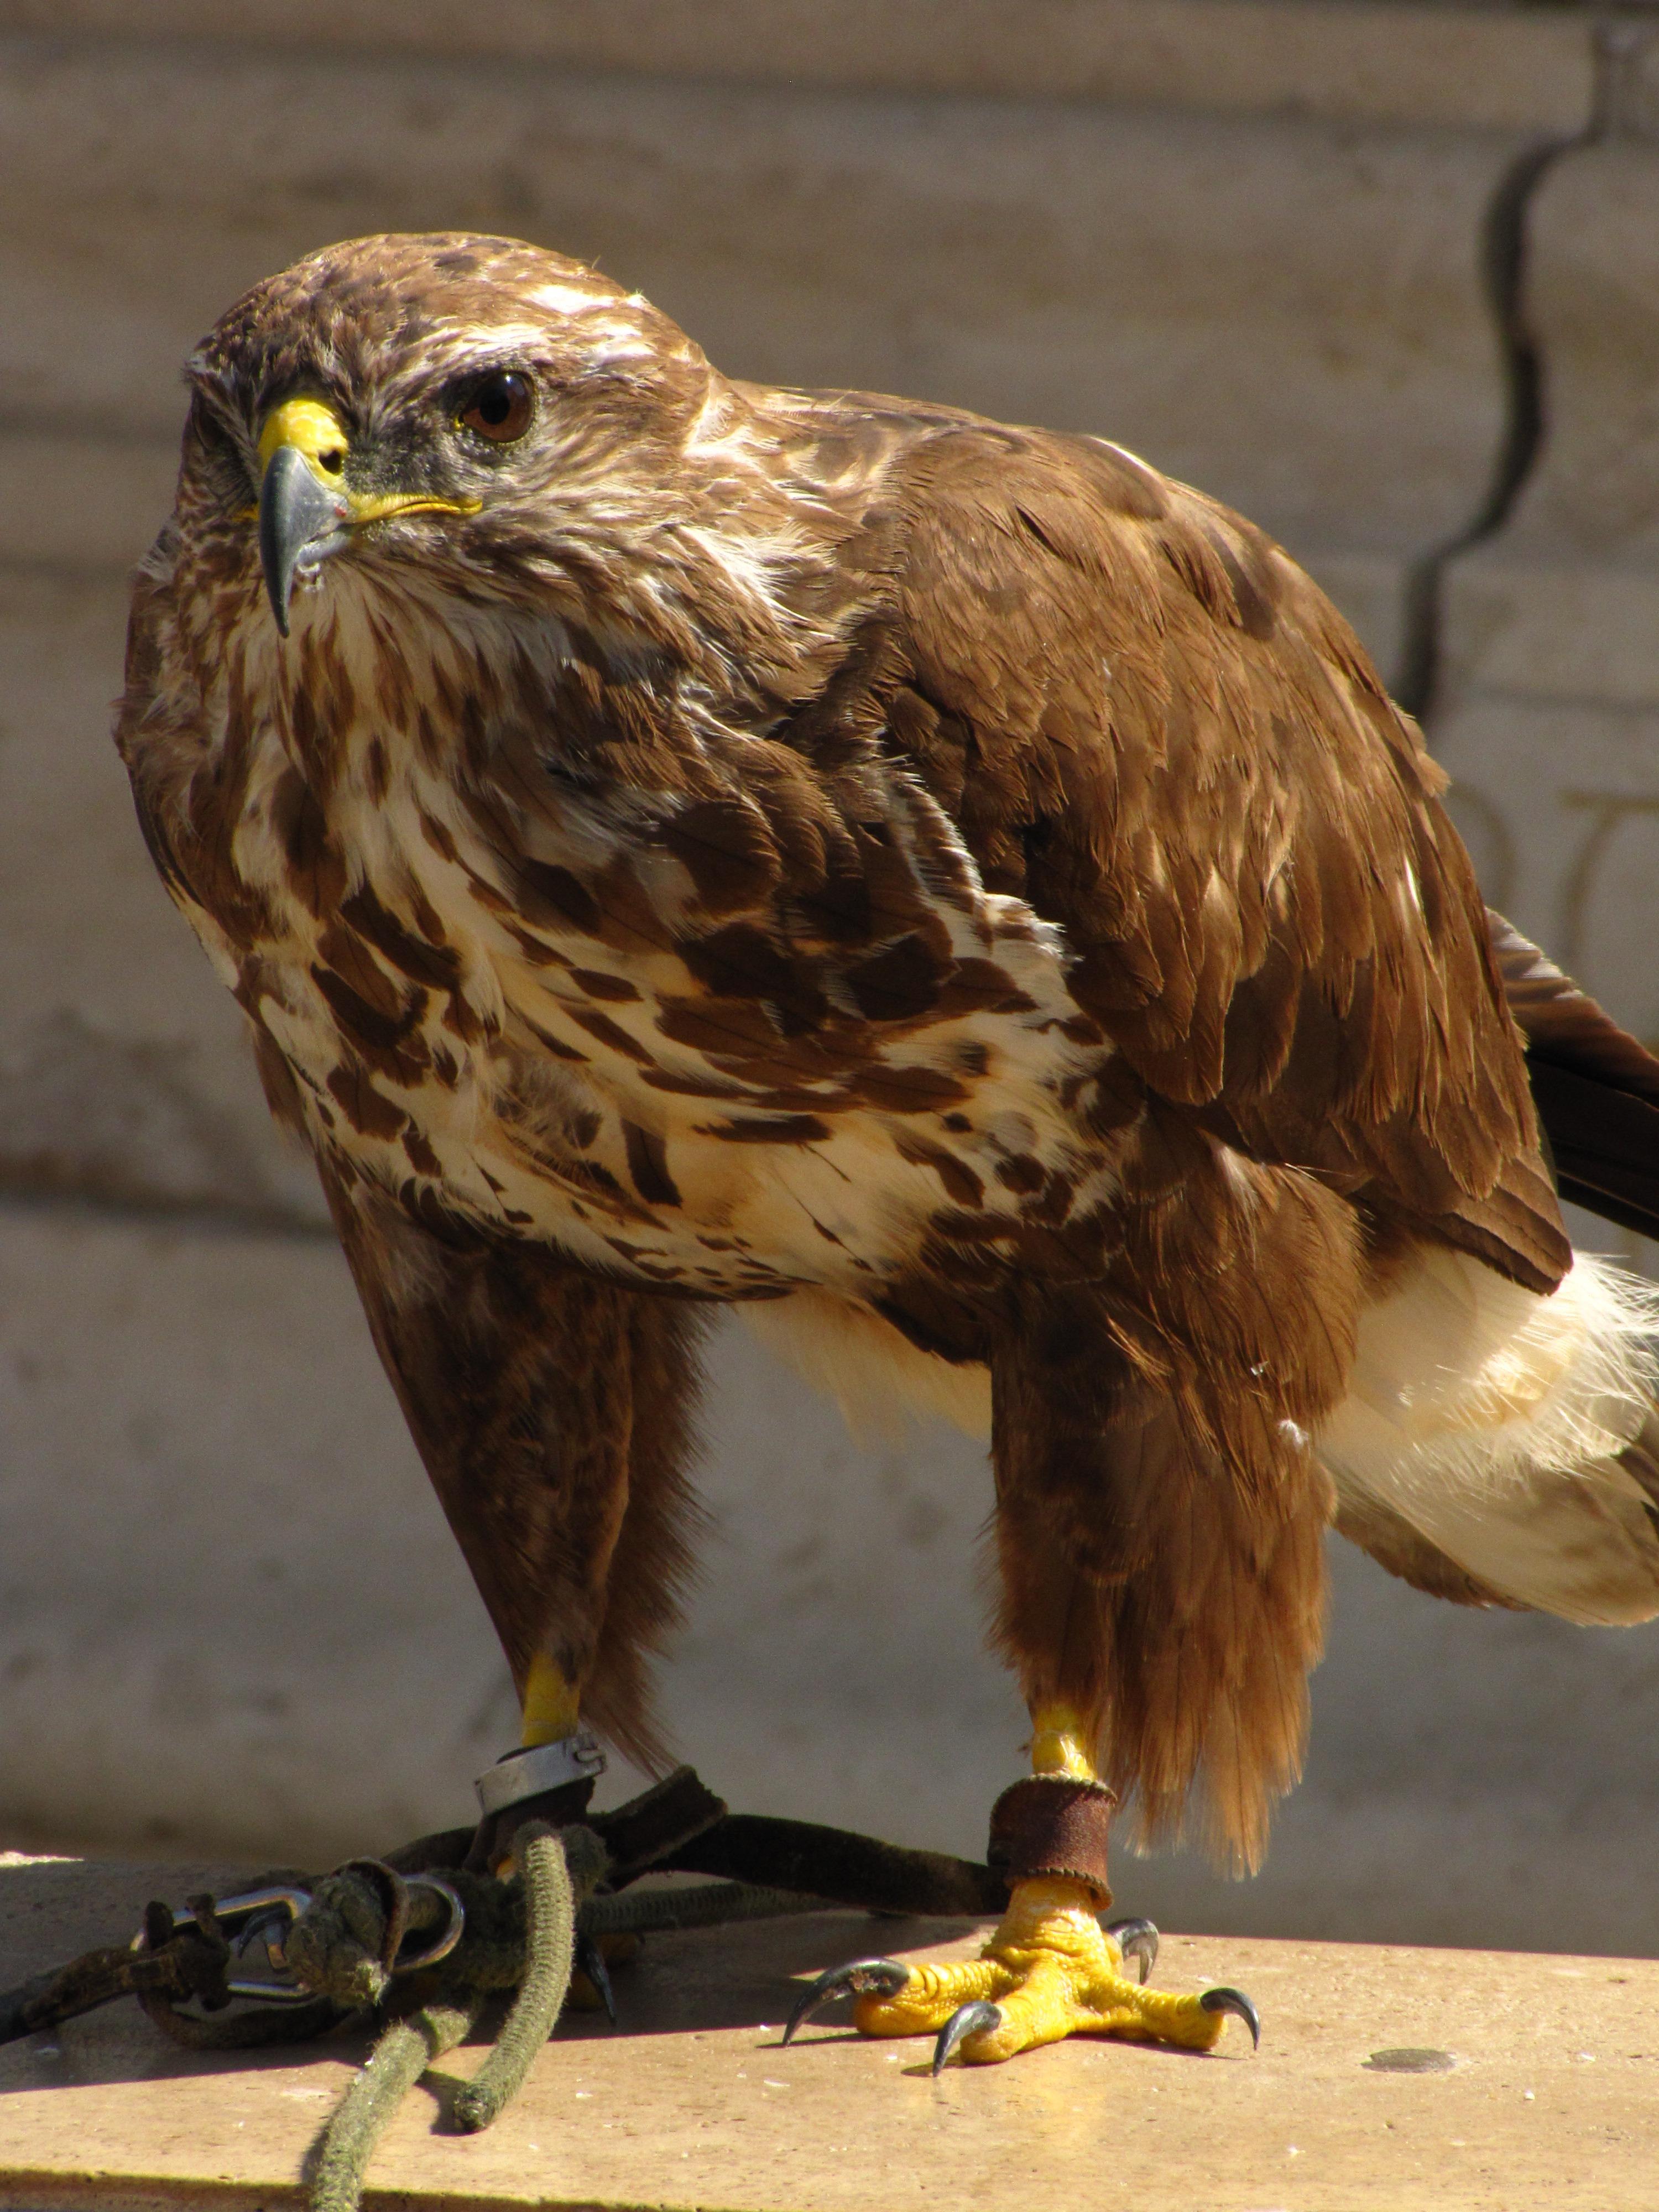 соколы ястребы и орлы хищные птицы фото этом ковид-реанимации, сожалению